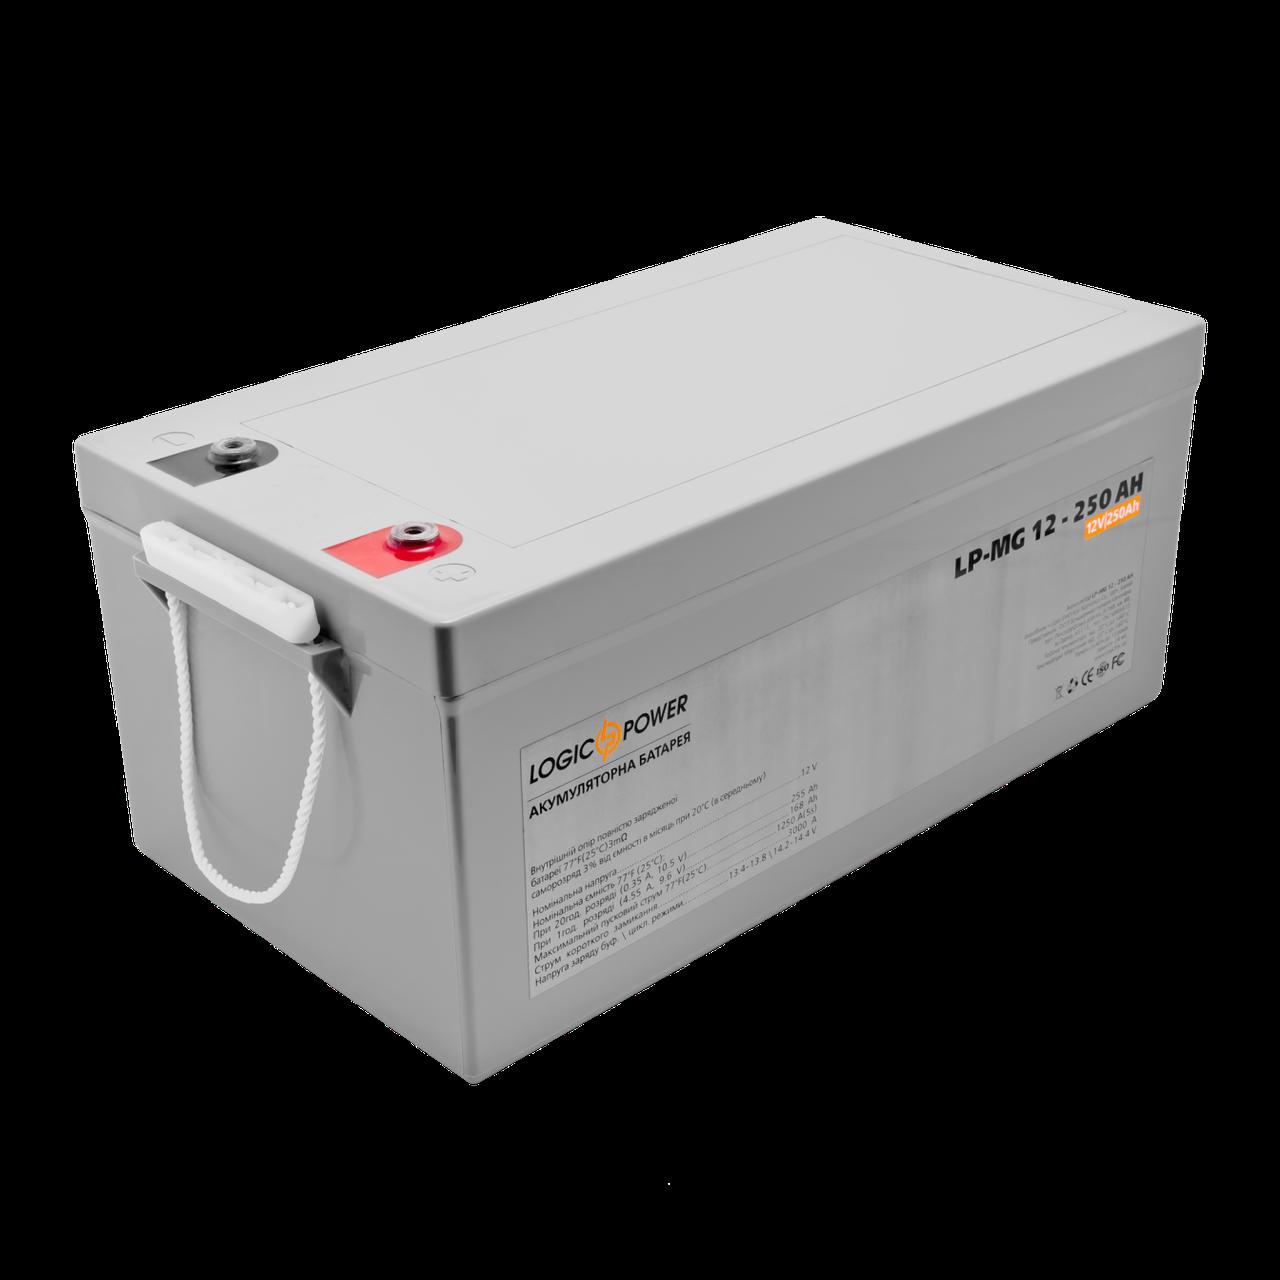 Аккумулятор мультигелевый AGM LP-MG 12 - 250 AH SILVER (2018)